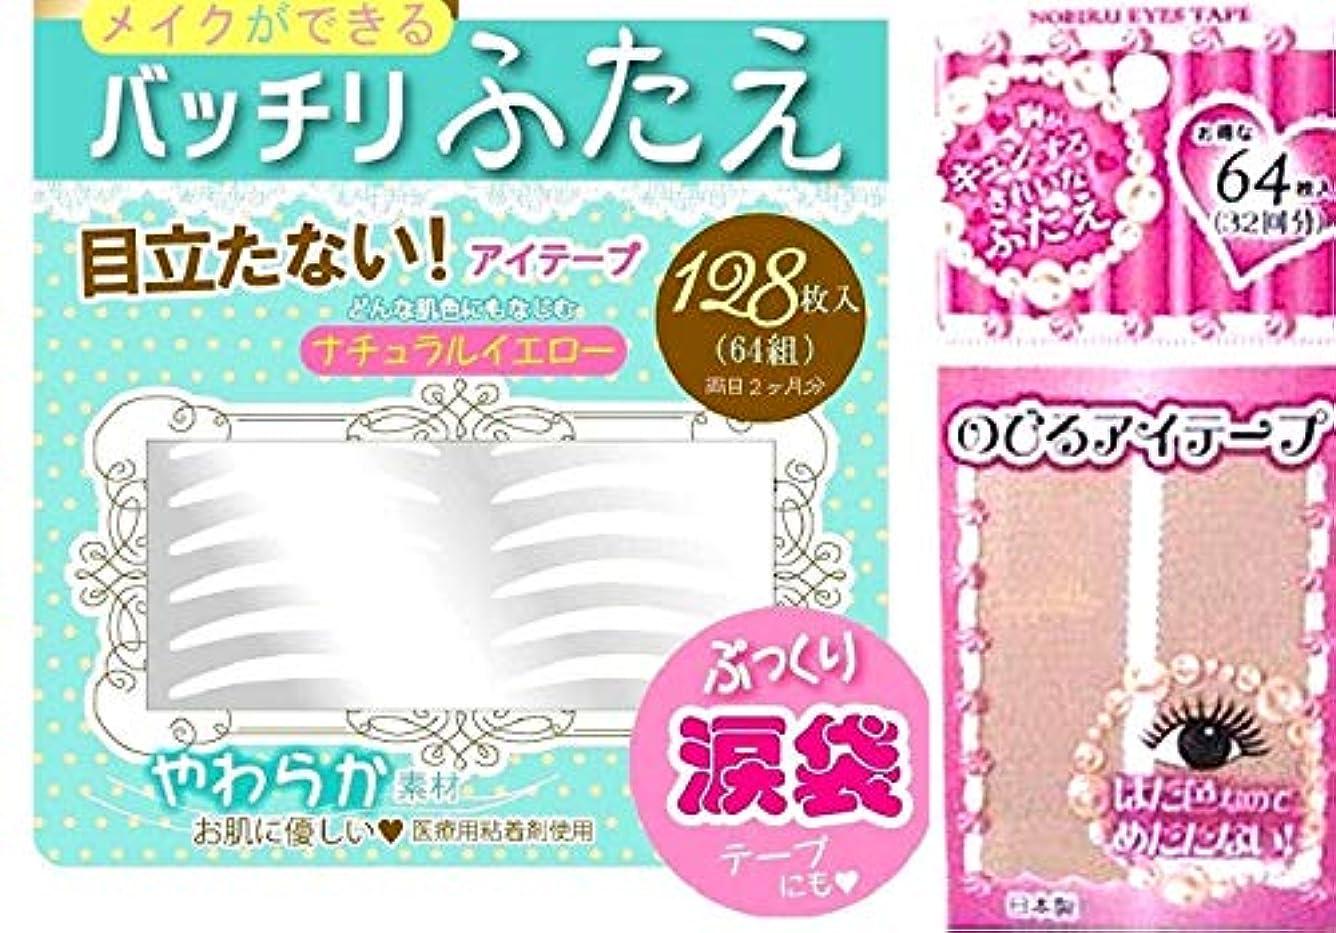 聖人広告するフィルタふたえ 涙袋 メイクテープ 医療用粘着剤 使用 SOU-014